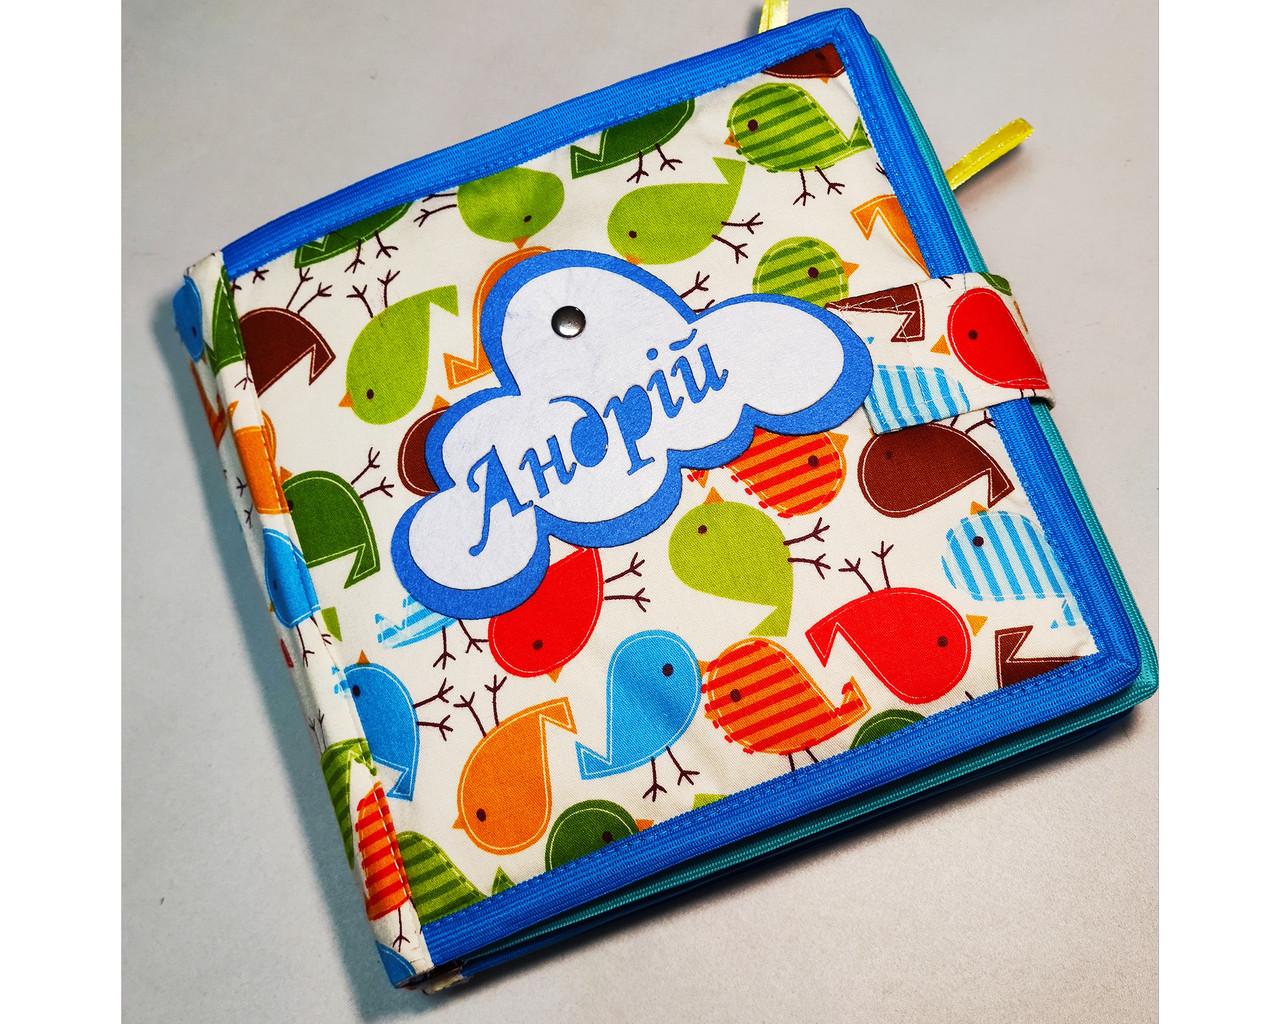 Развивающая Mягкая Книжка из Фетра, Мягкая текстильная книжка handmade (RB01046)